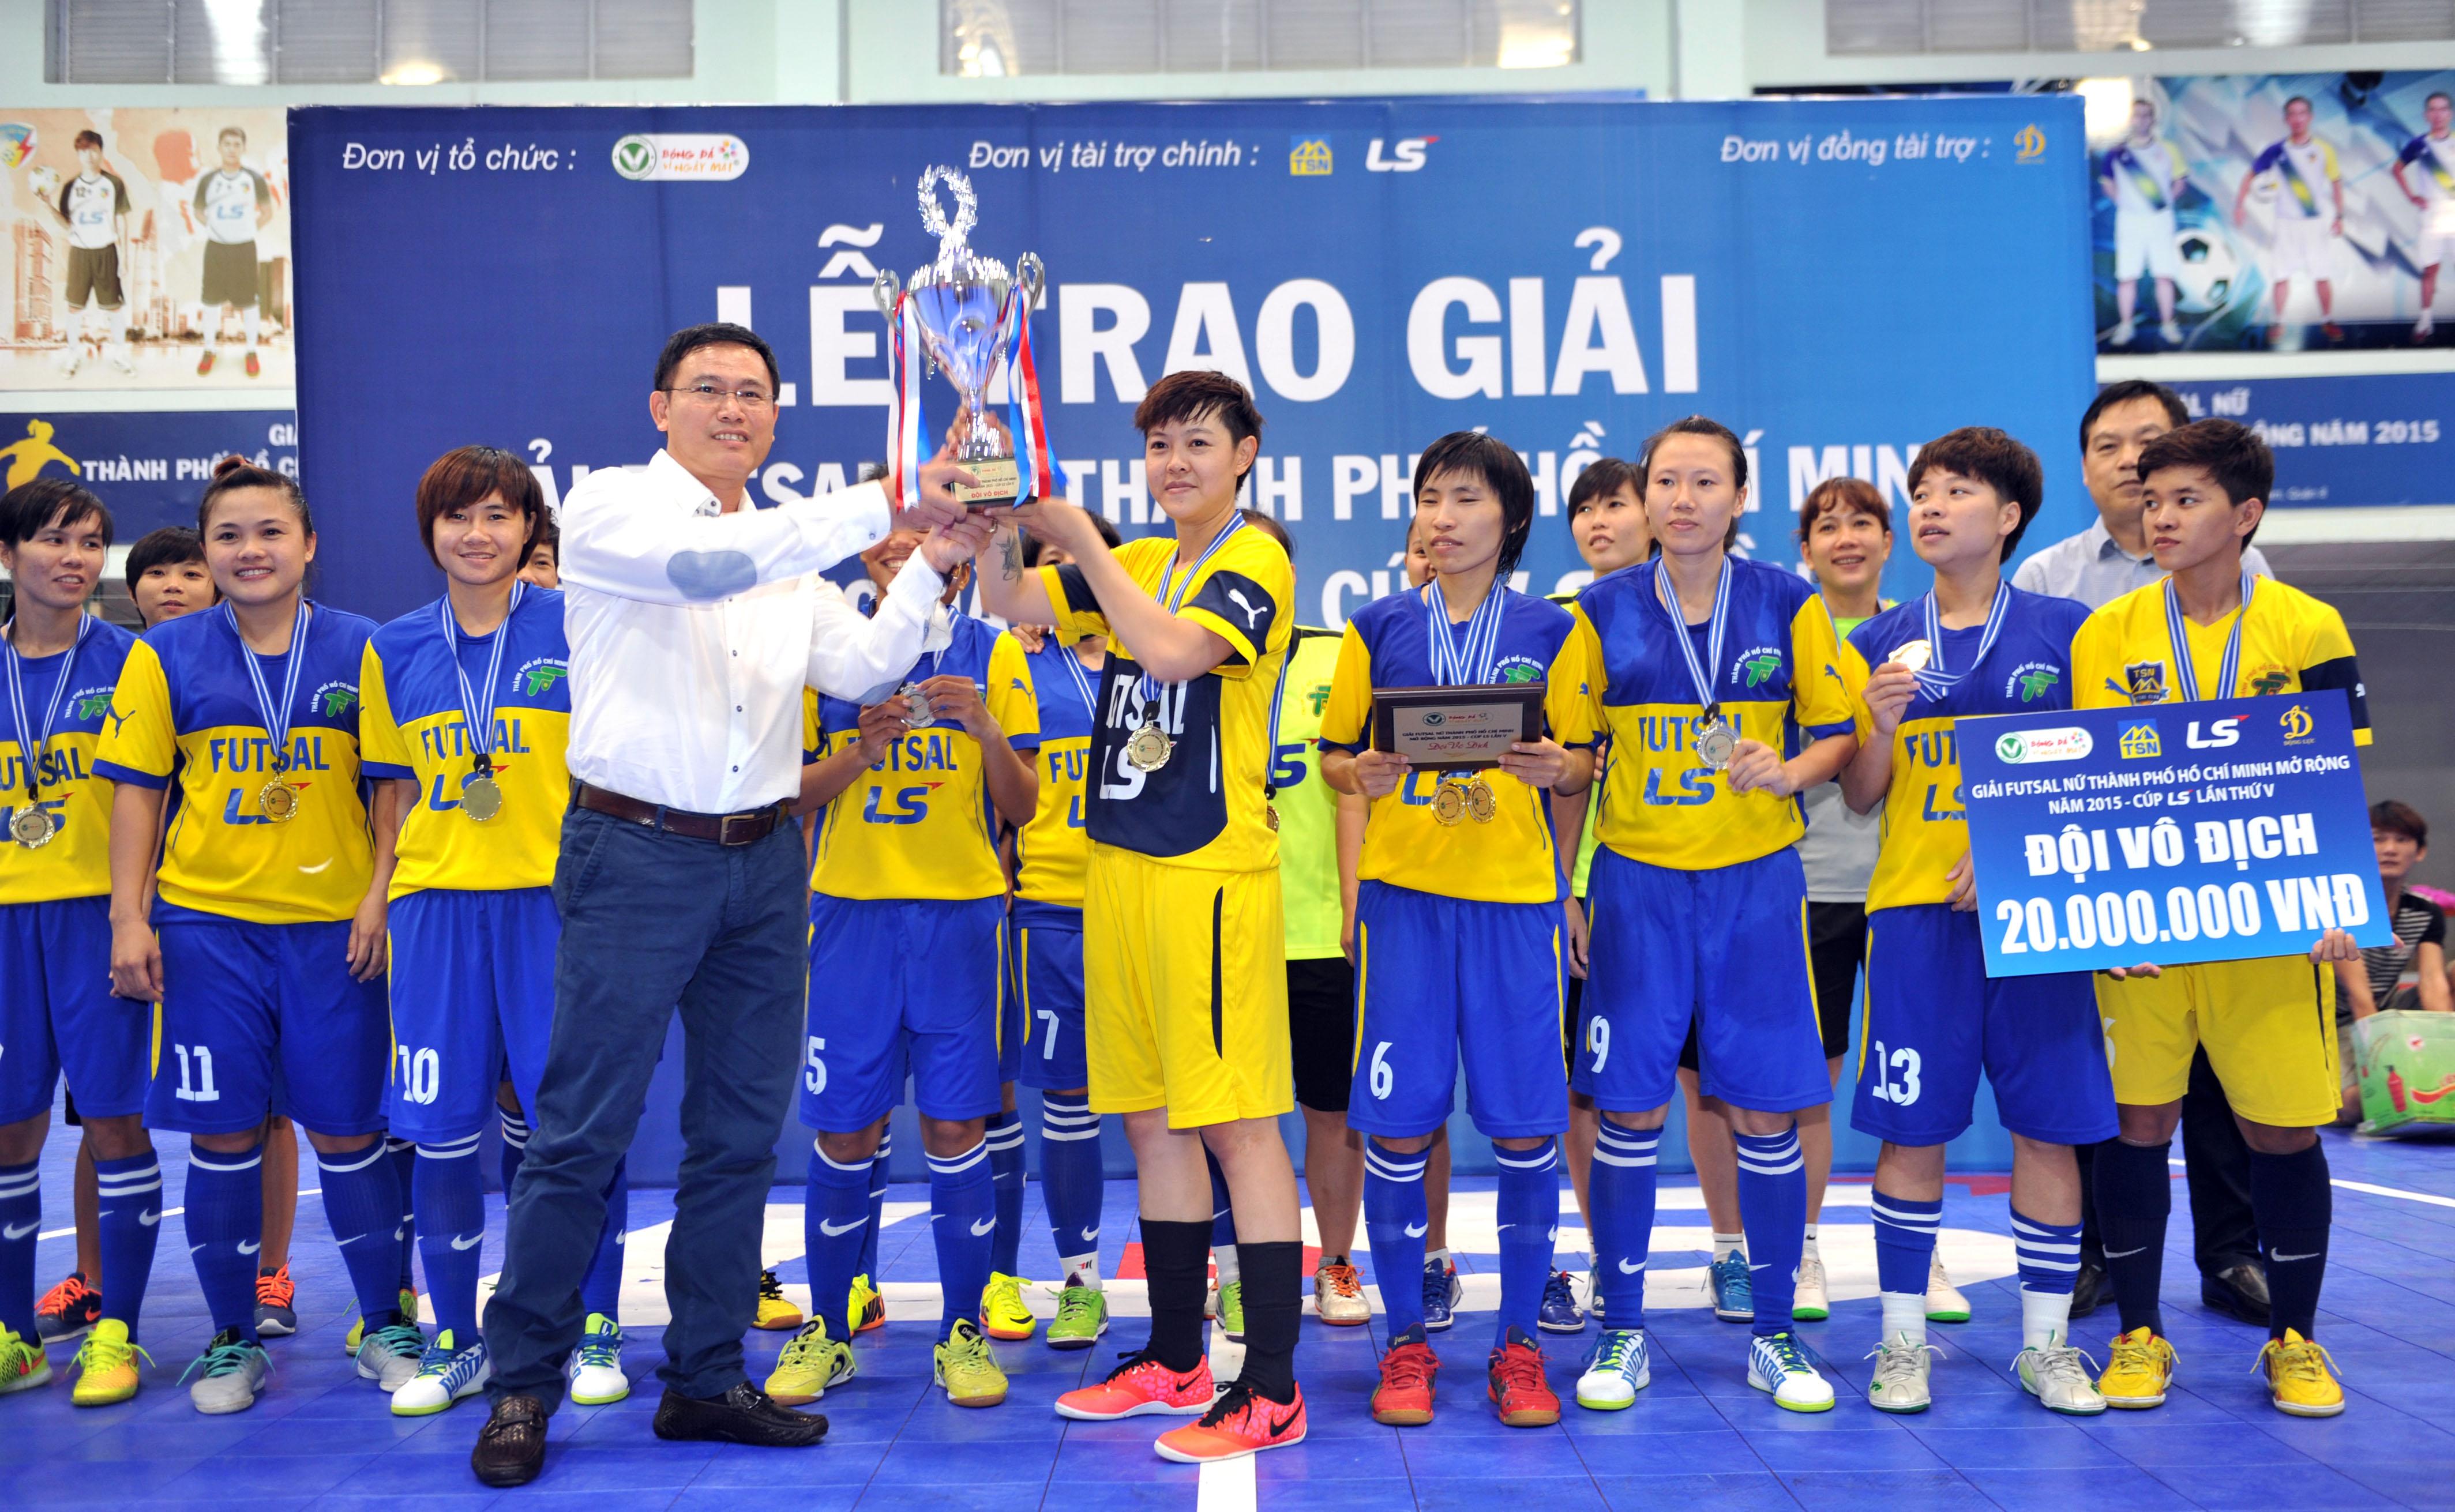 """Kết thúc giải futsal nữ TP.HCM mở rộng – Cúp LS 2015: Quận 8 lên ngôi """"Hậu"""""""